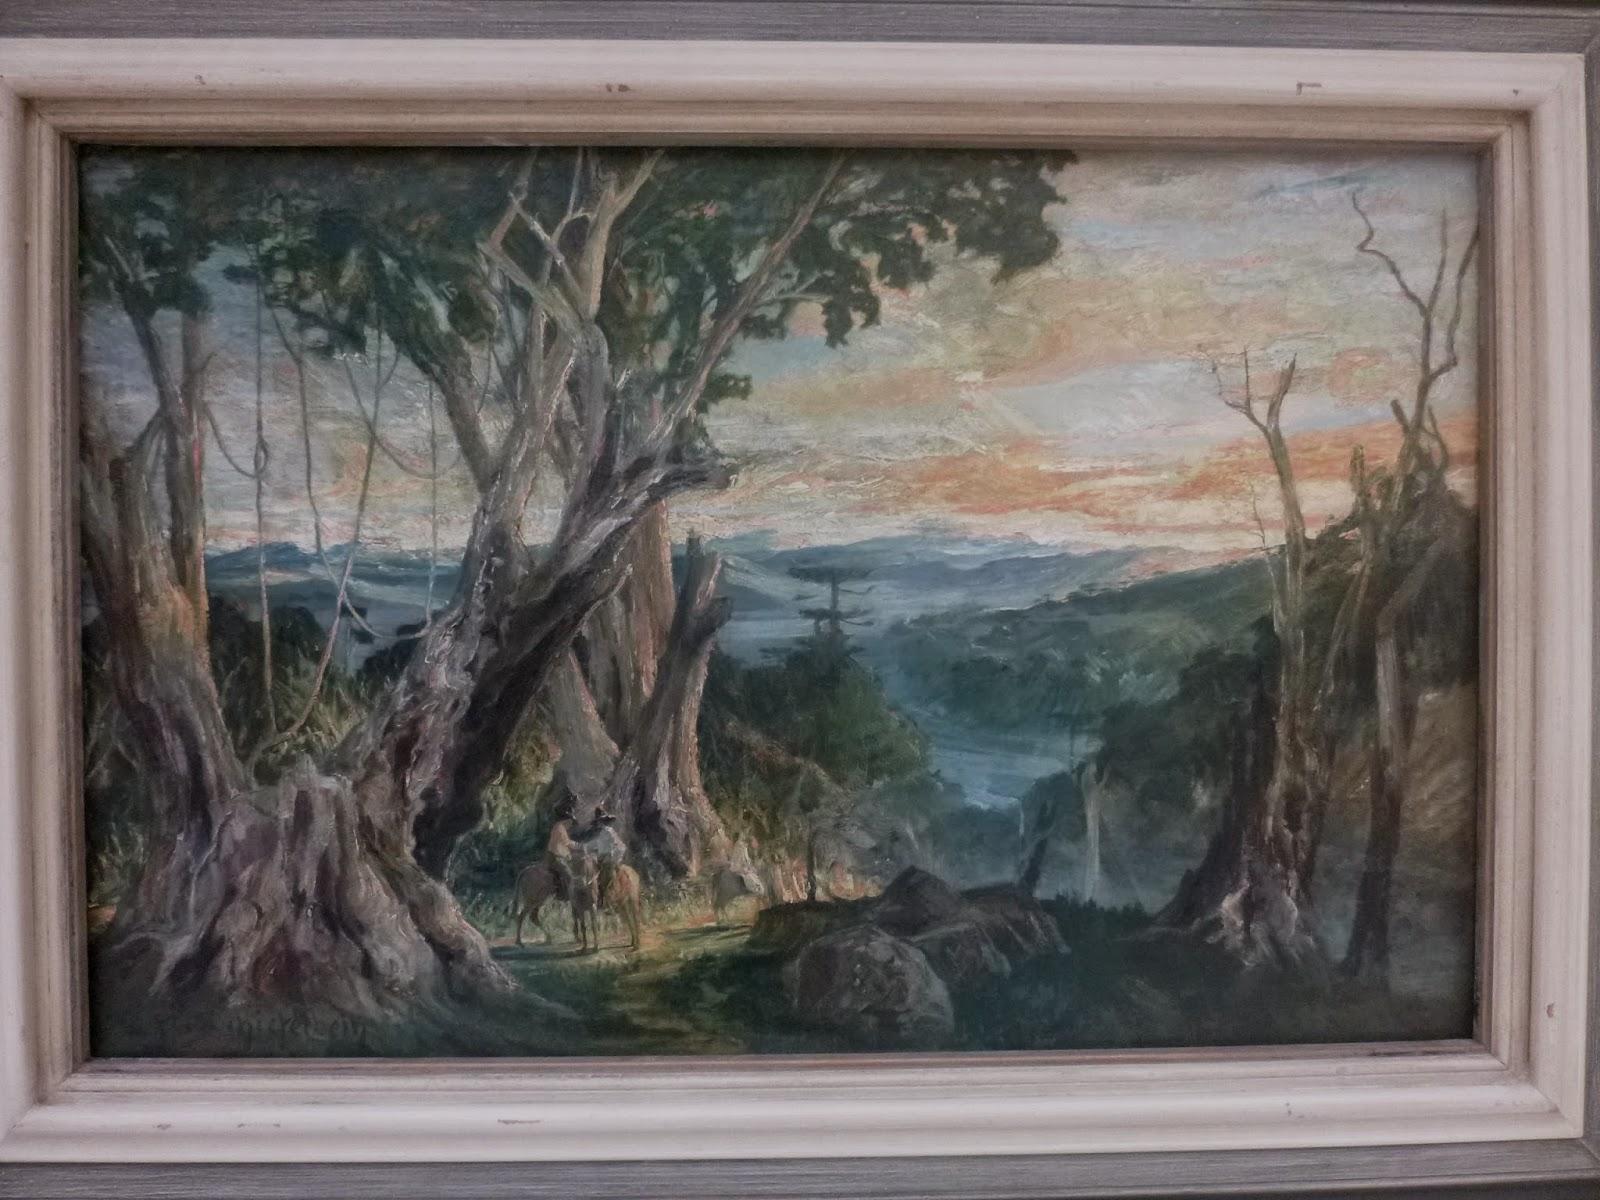 Museu Oscar Niemeyar - Curitiba - TURISMO E VIAGEM - ARTE